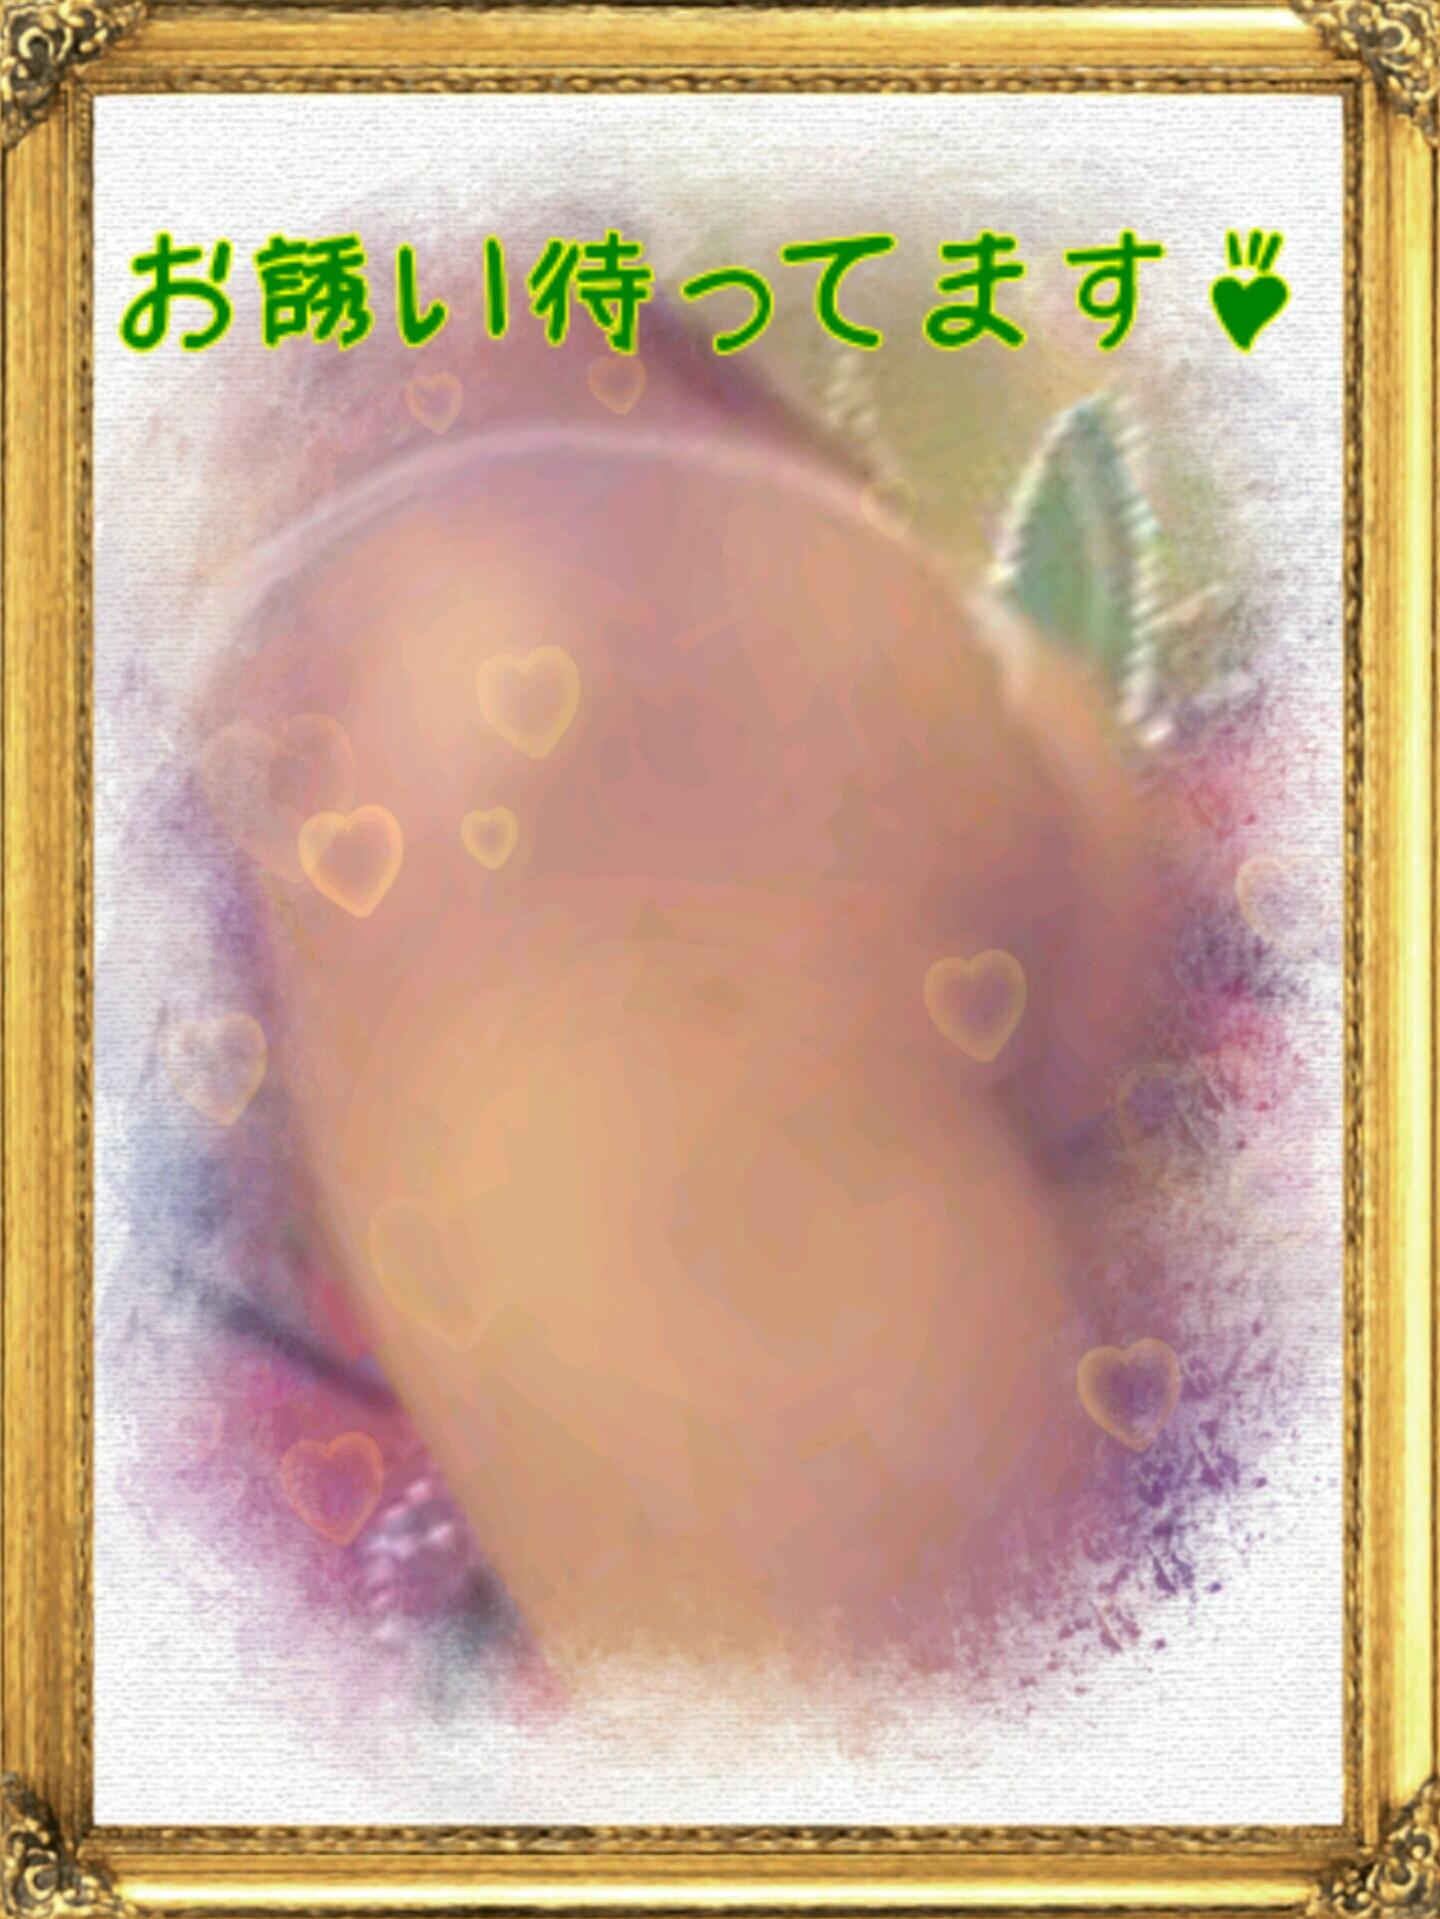 「けいこです♪」03/01(水) 12:53 | けいこの写メ・風俗動画